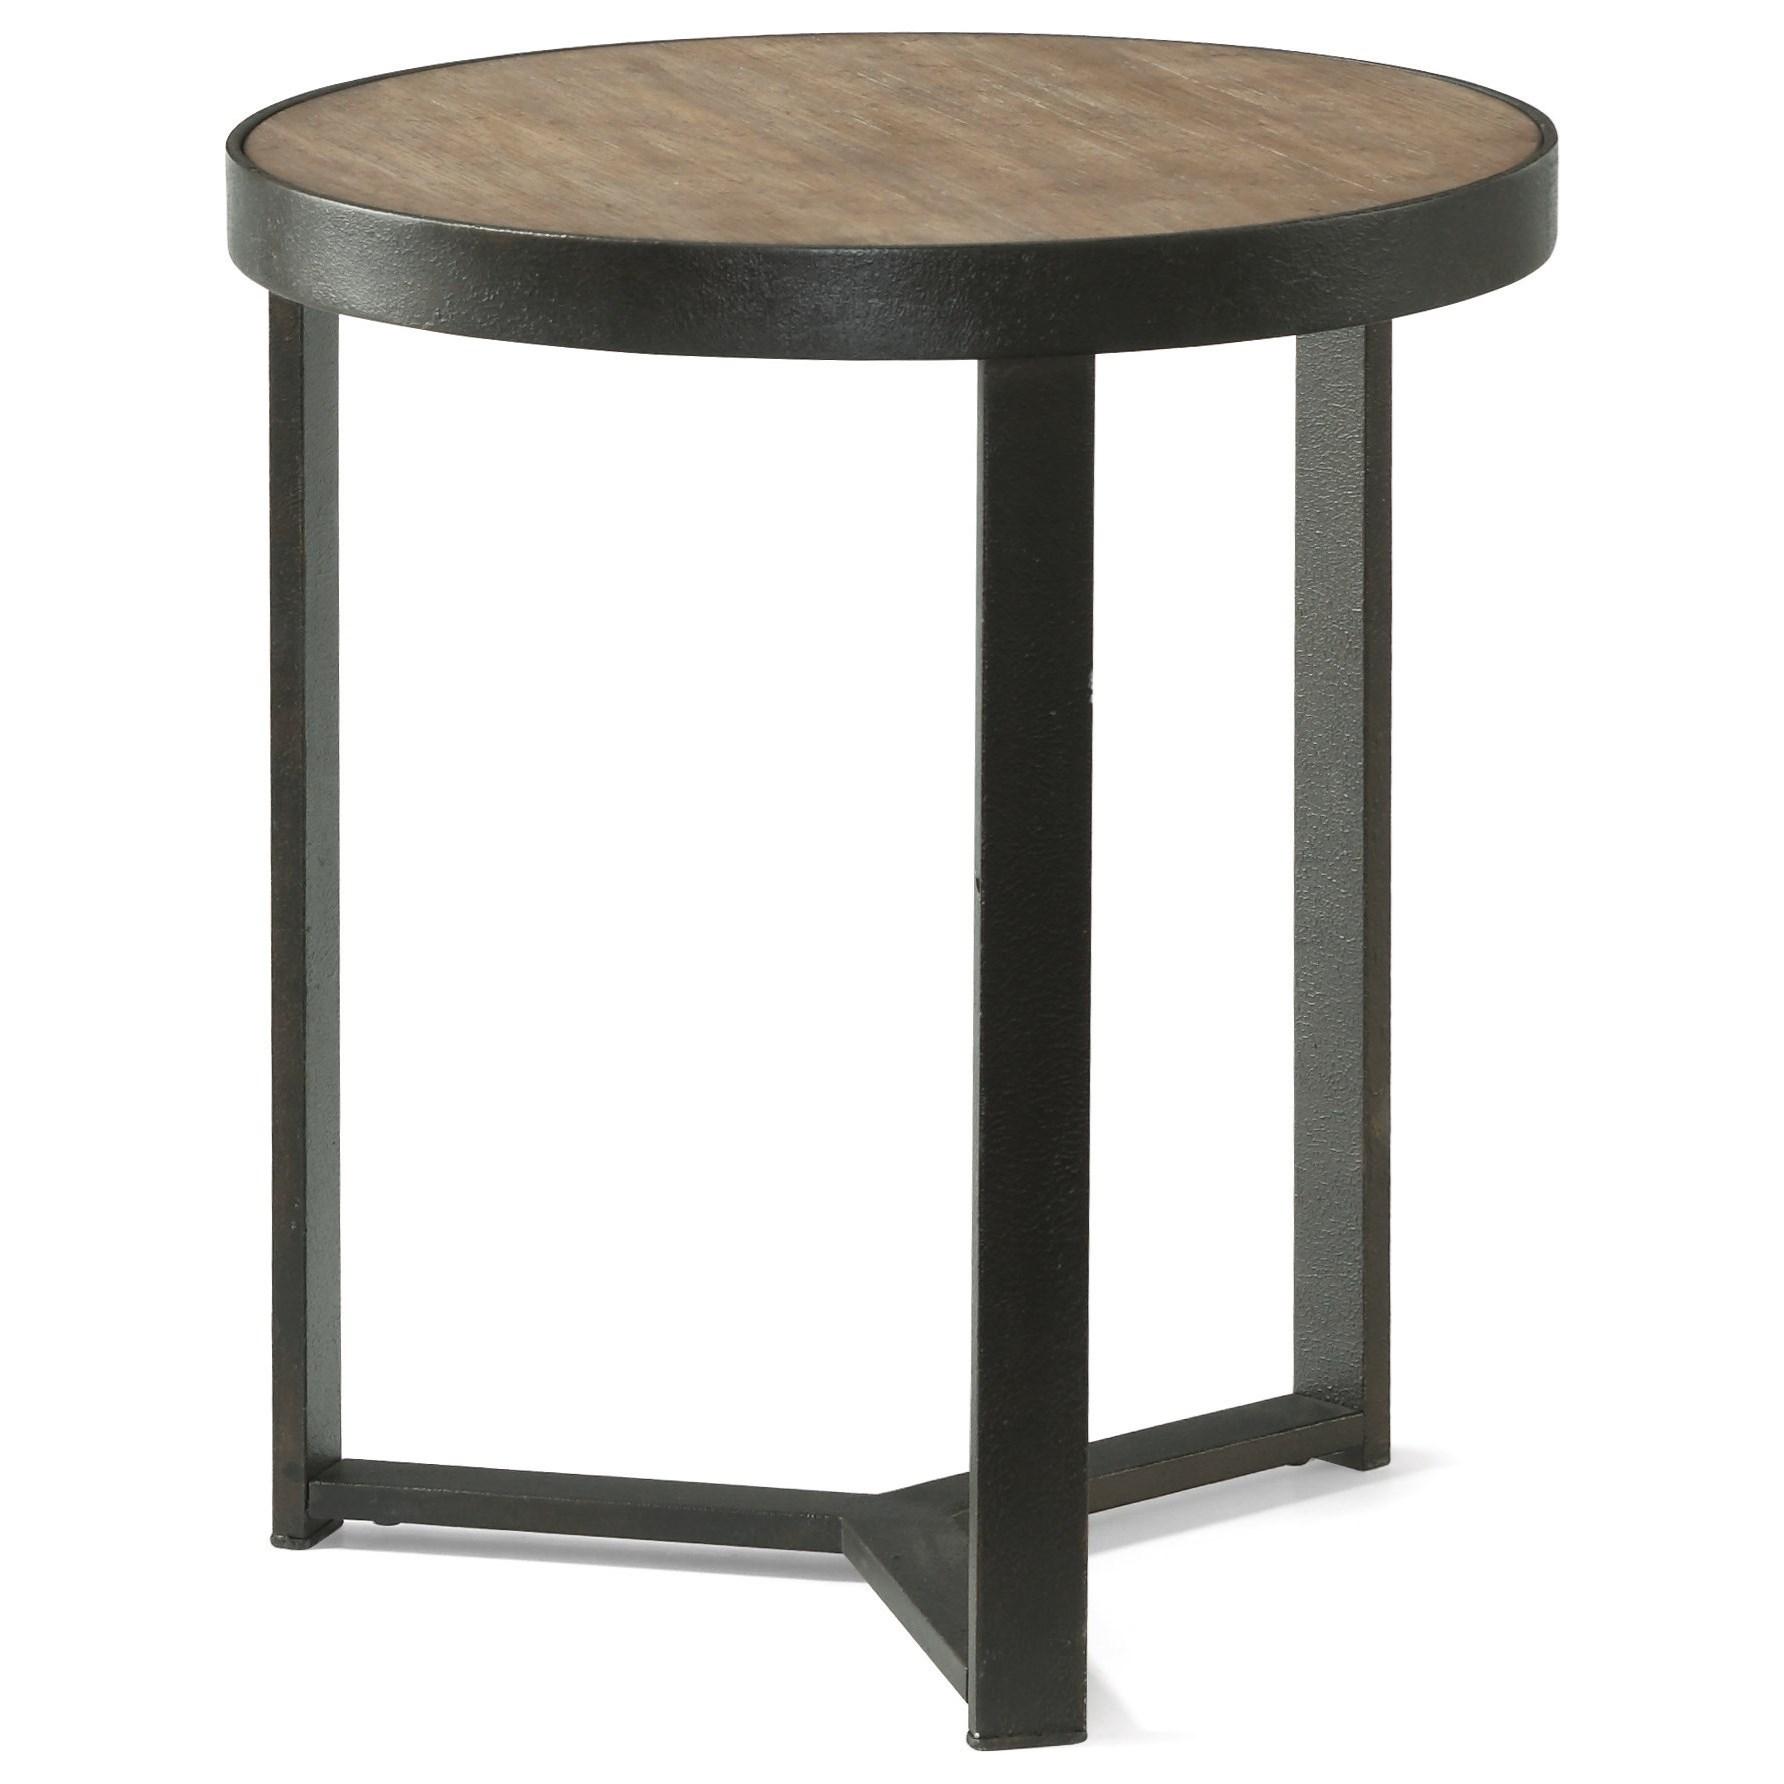 Short end table 2 piece end table set sale 70 flexsteel for Short end table